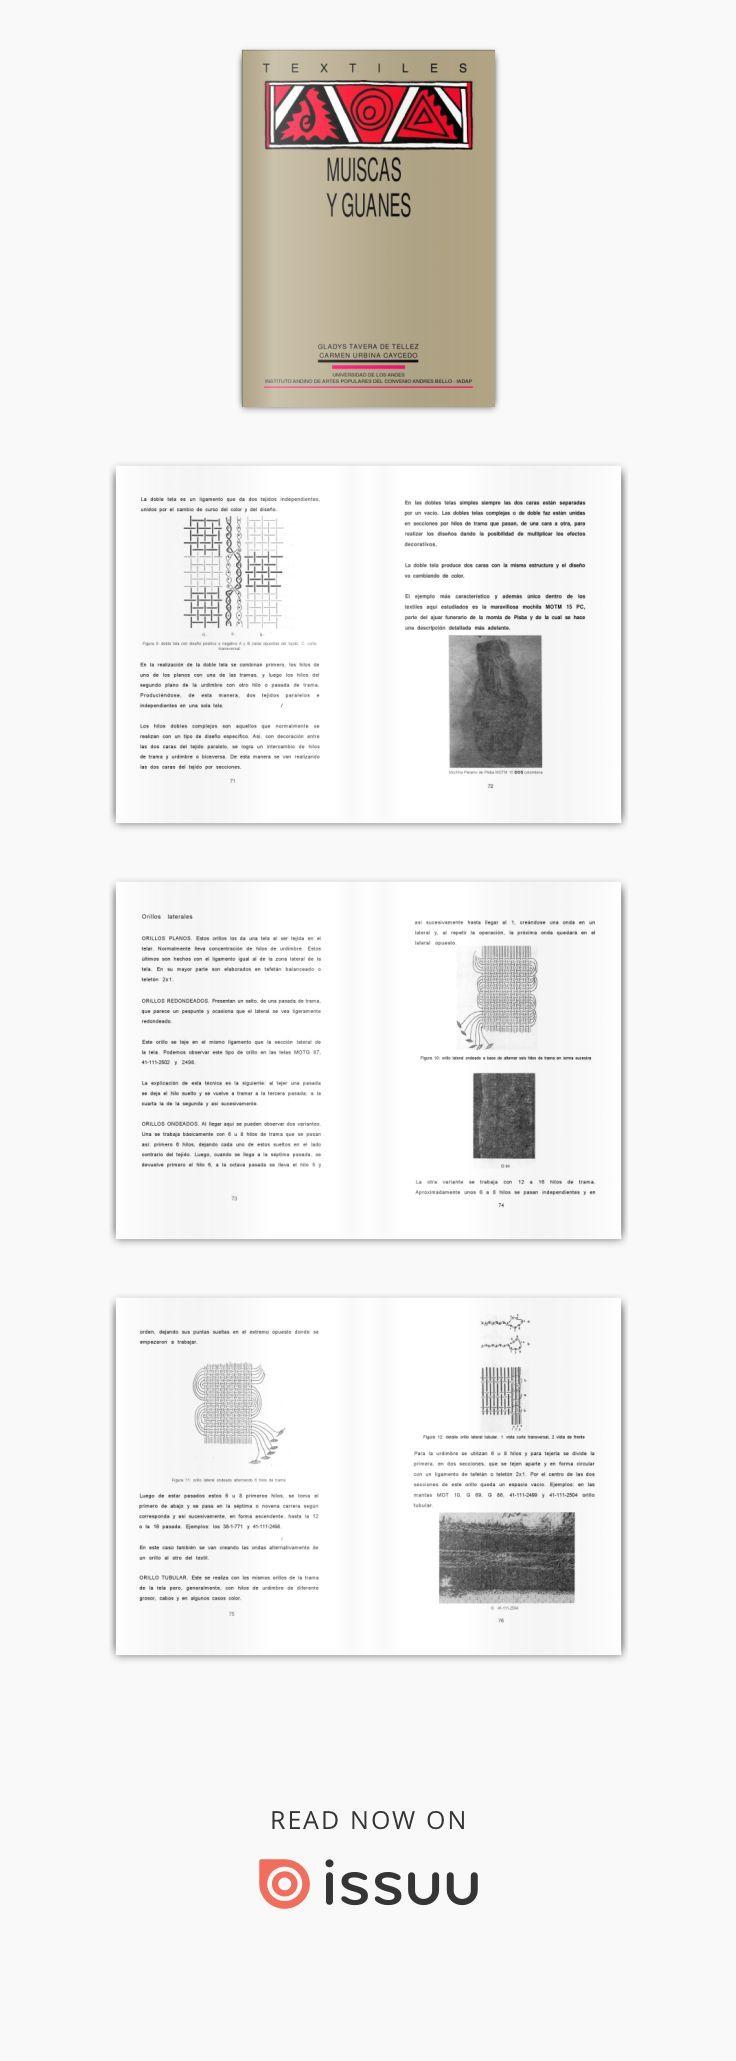 Textiles de las culturas Muisca y Guane  Título: Textiles de las culturas Muisca y Guane. Autor: Tavera de Téllez, Gladys; Urbina Caicedo, Carmen. Responsabilidad: Gladys Tavera de Tréllez,  Número de clasificación: 746.982/T233t Lugar de publicación: Quito Editorial: Universidad de los Andes [CO] : IADAP Fecha de publicación: 1994